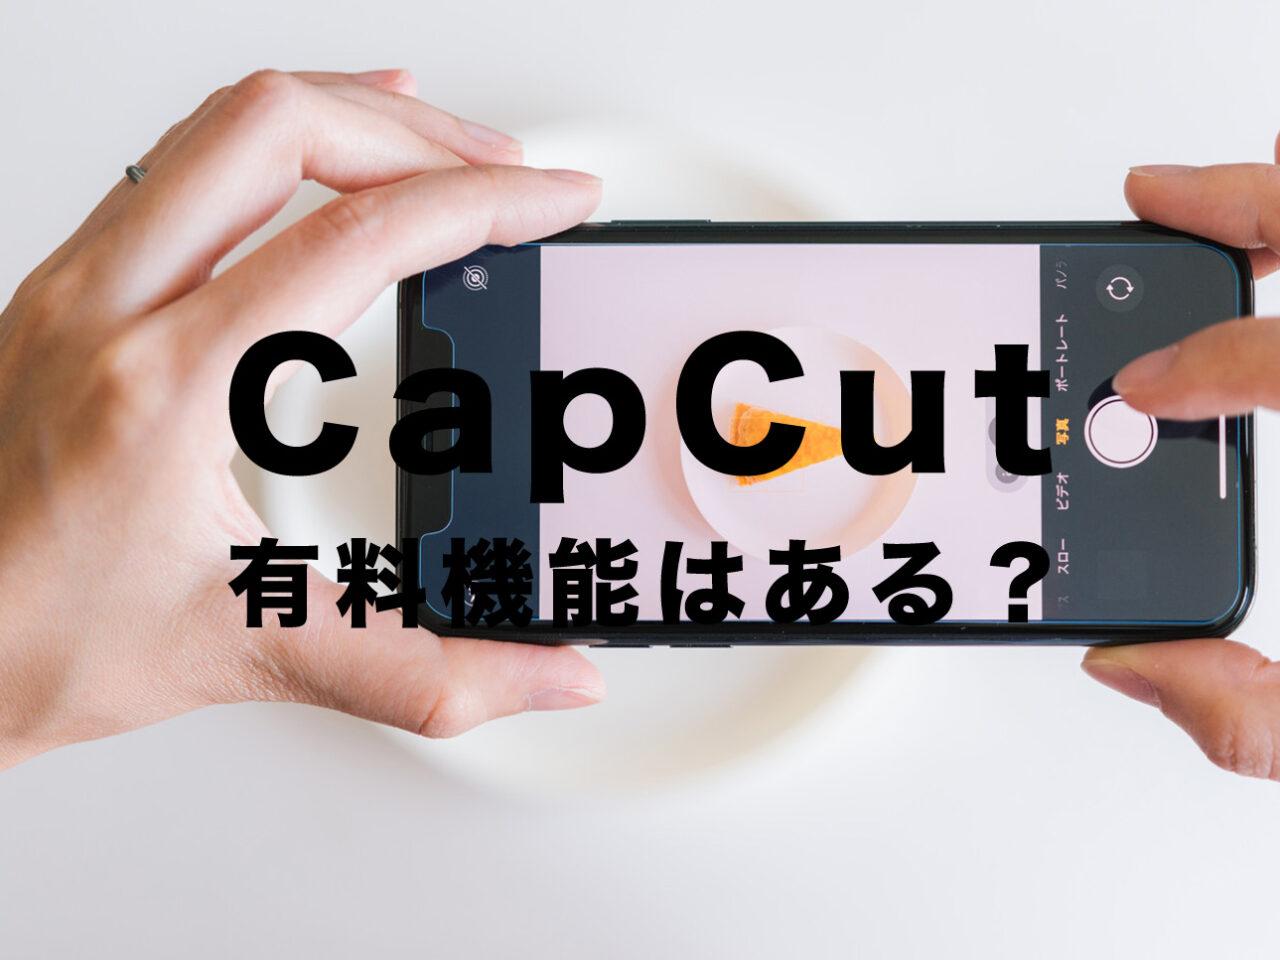 CapCut(キャップカット)に有料機能はある?無料で使える?課金は必要?のサムネイル画像